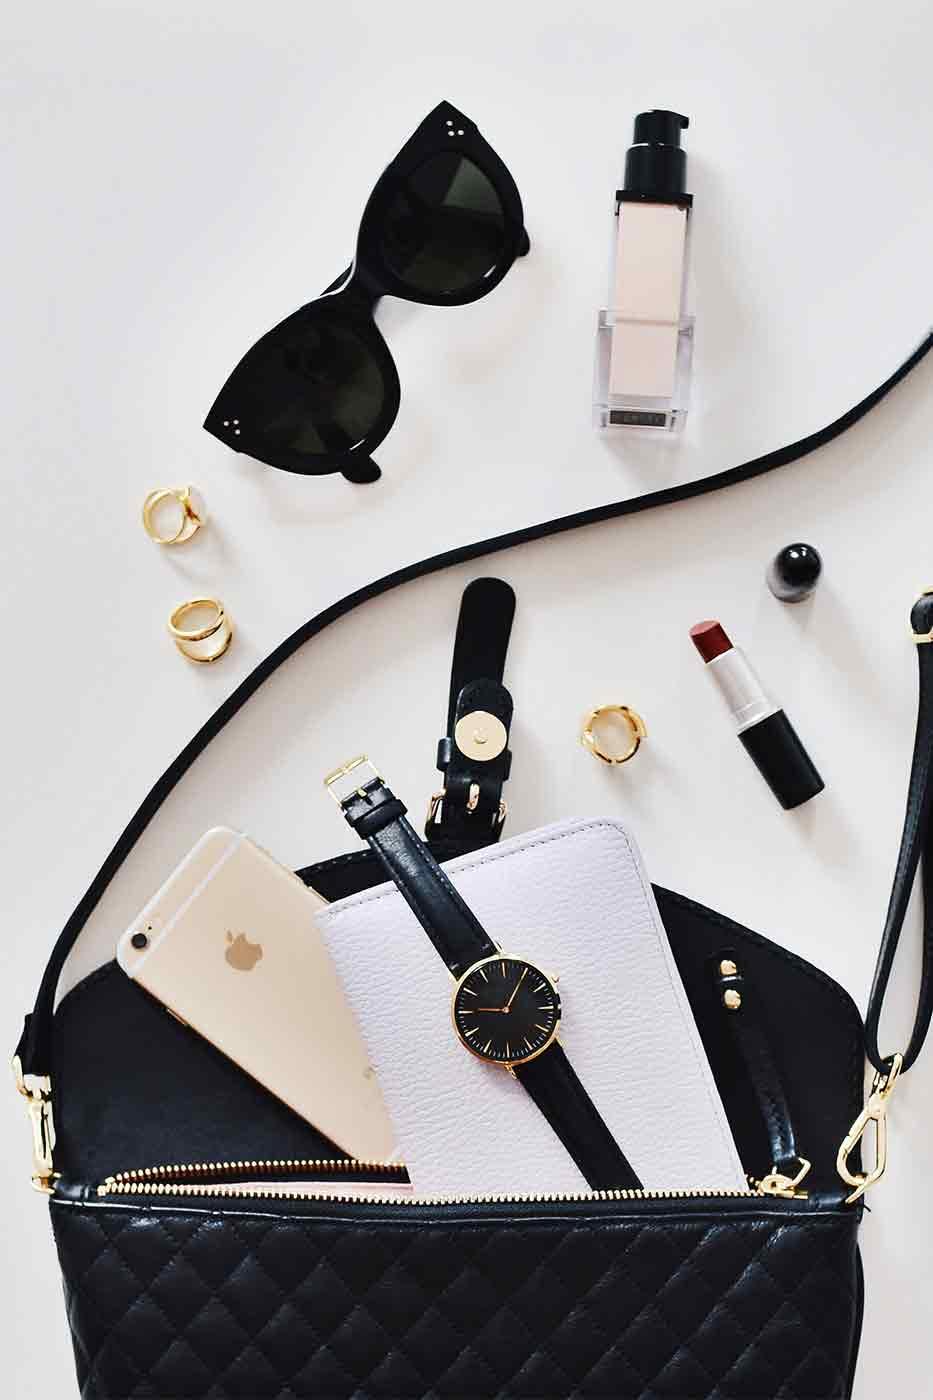 damska torebka w kolorze czarnym z rozsypanymi kosmetykami jak podkład i szminka